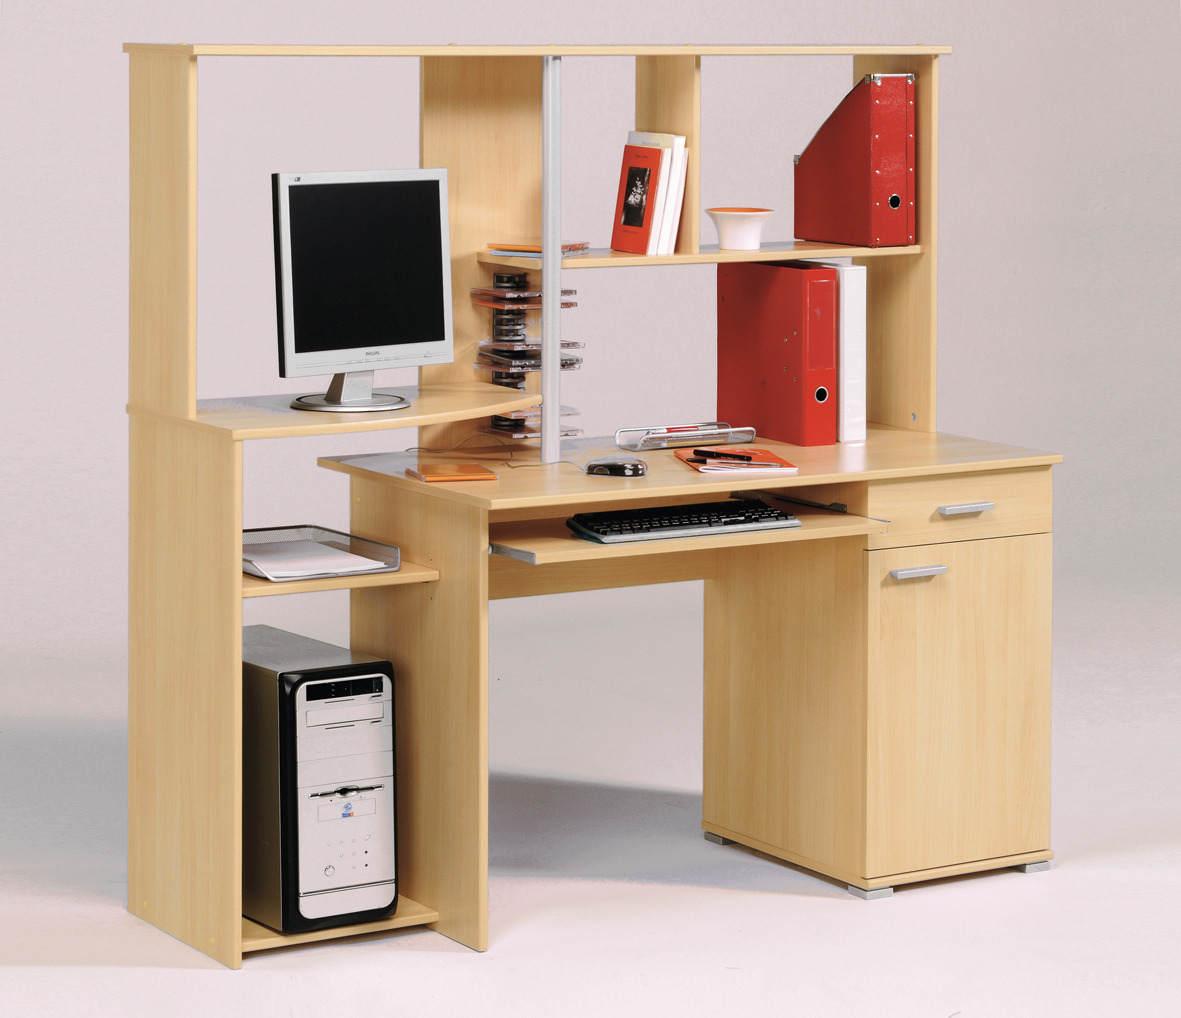 Contoh Desain Meja Komputer Dan Laptop Minimalis Gambar